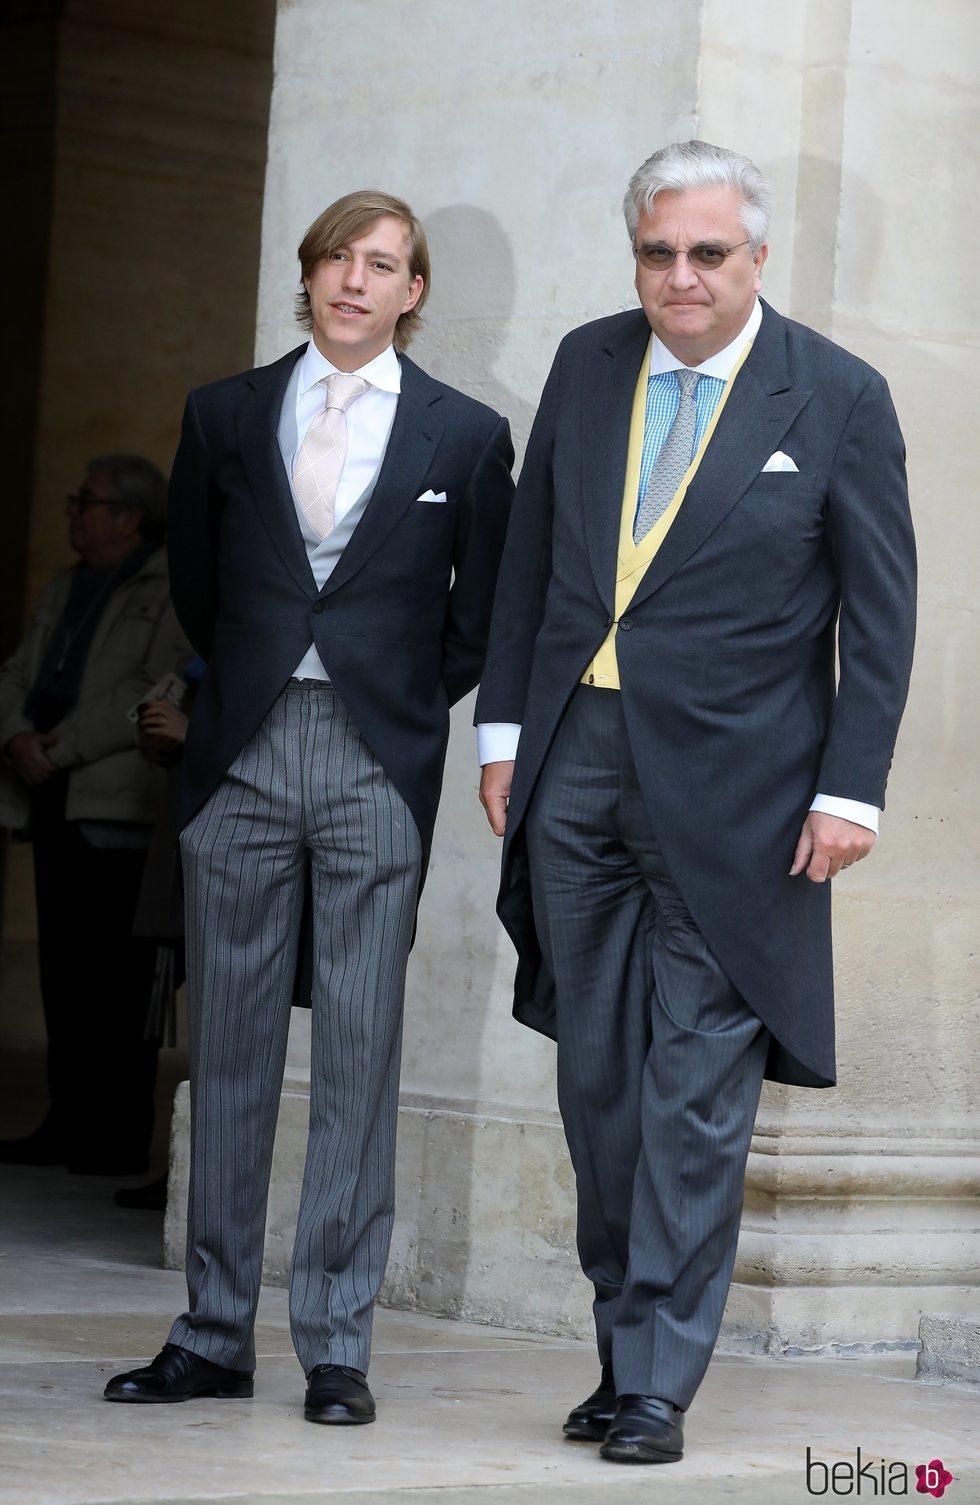 Los Príncipes Luis de Luxemburgo y Laurent de Bélgica han acudido juntos al enlace de Christophe Napoleón